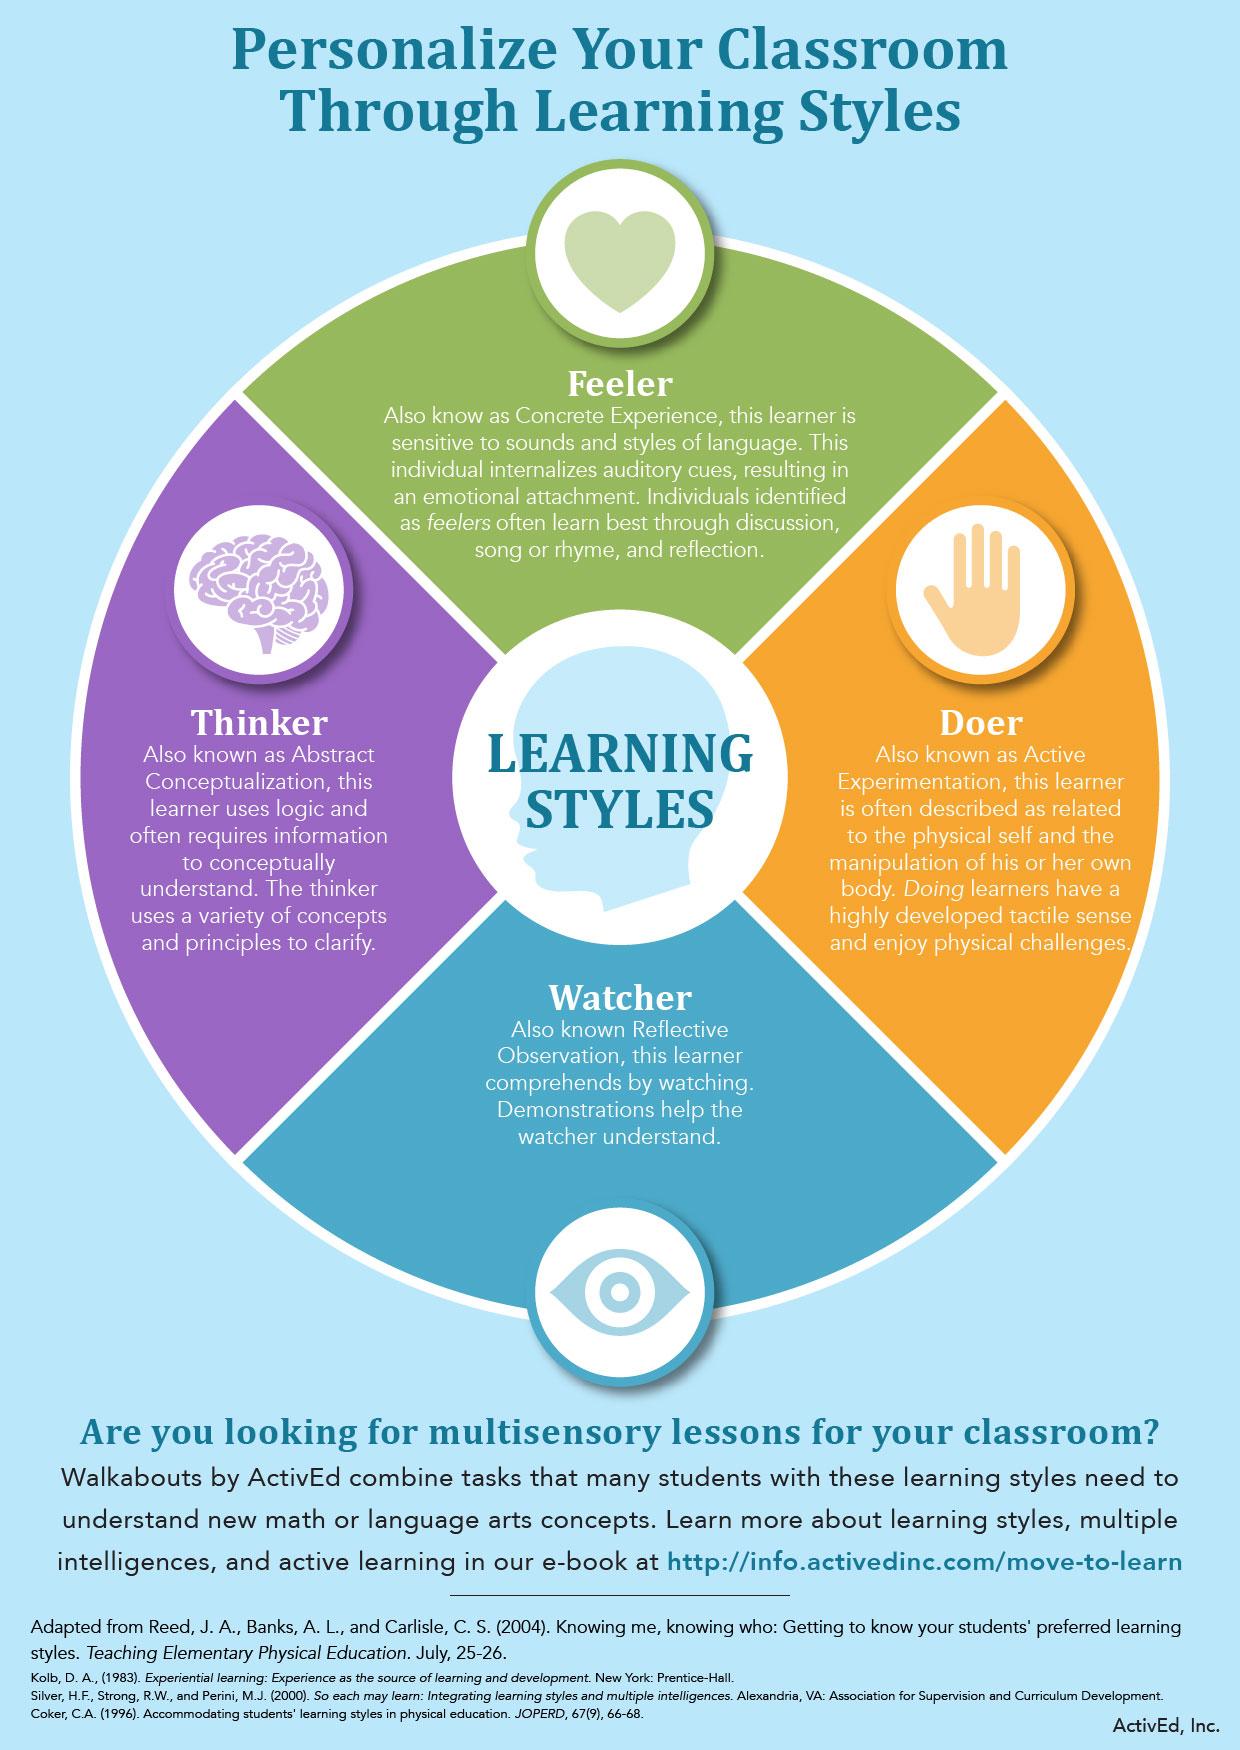 Learning_Styles.jpg